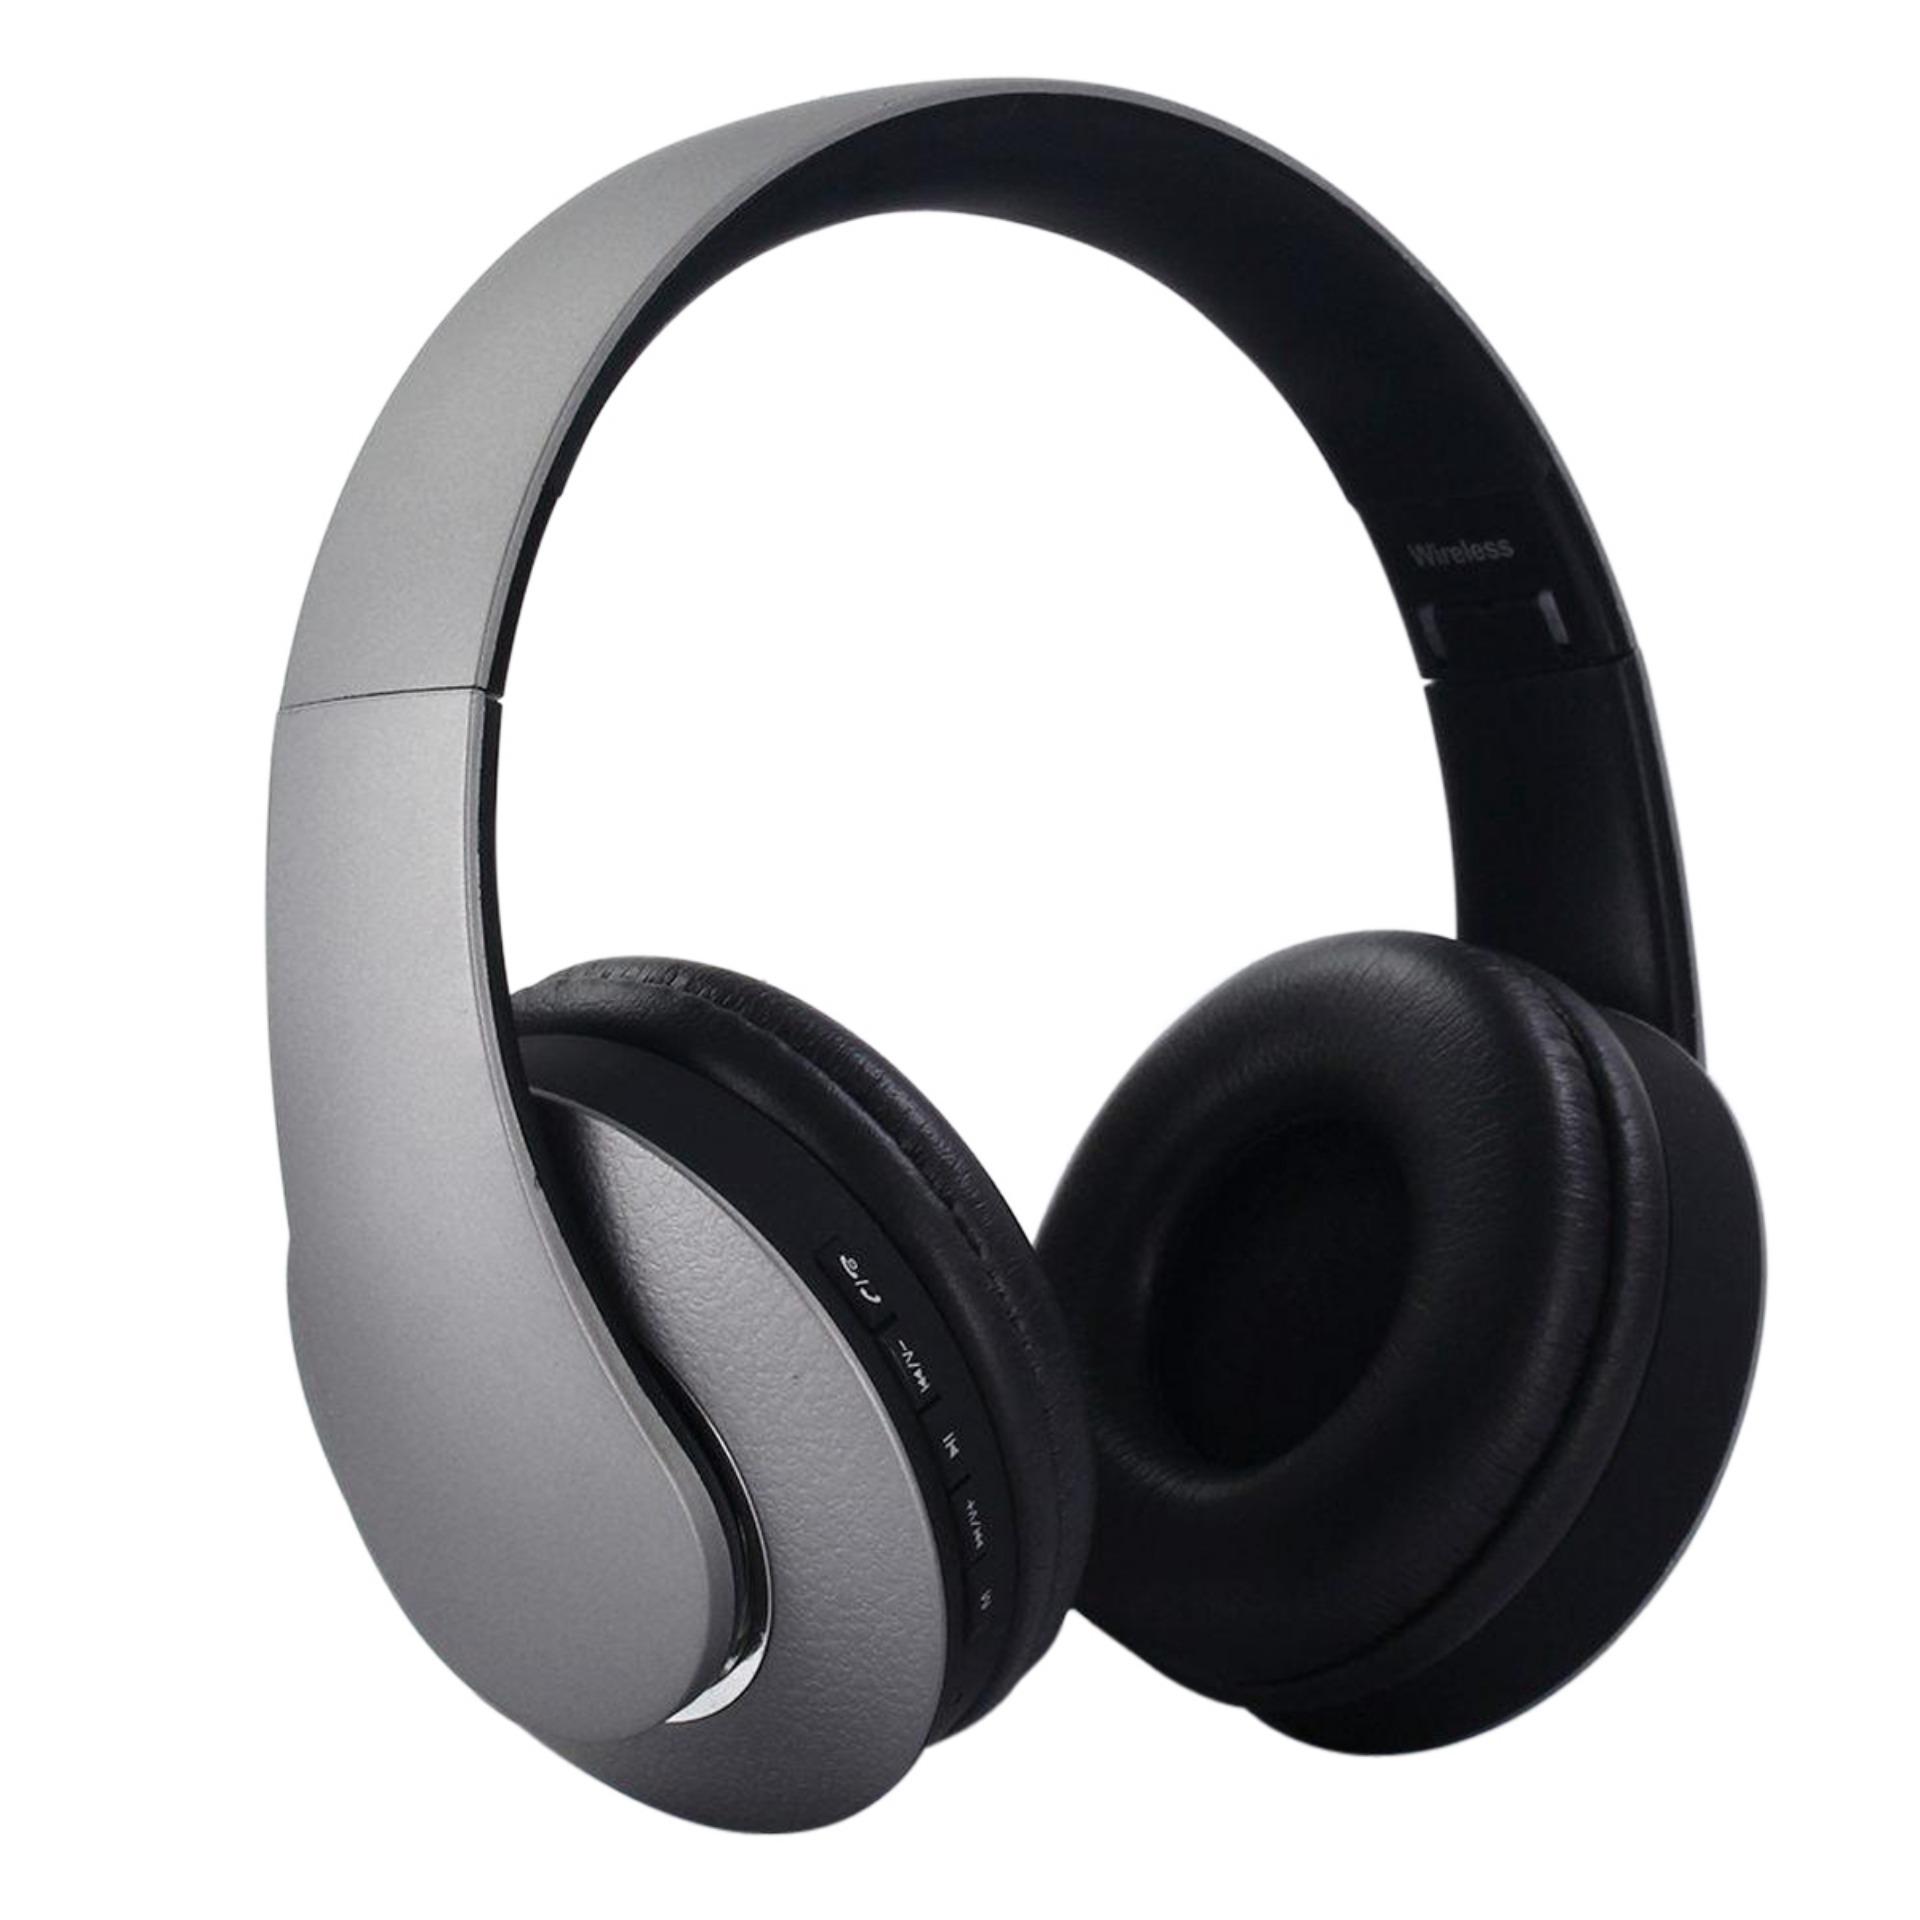 Kd 23 Wireless Bluetooth Headphone Light Grey Jbl T210 Inear Earphone Abu